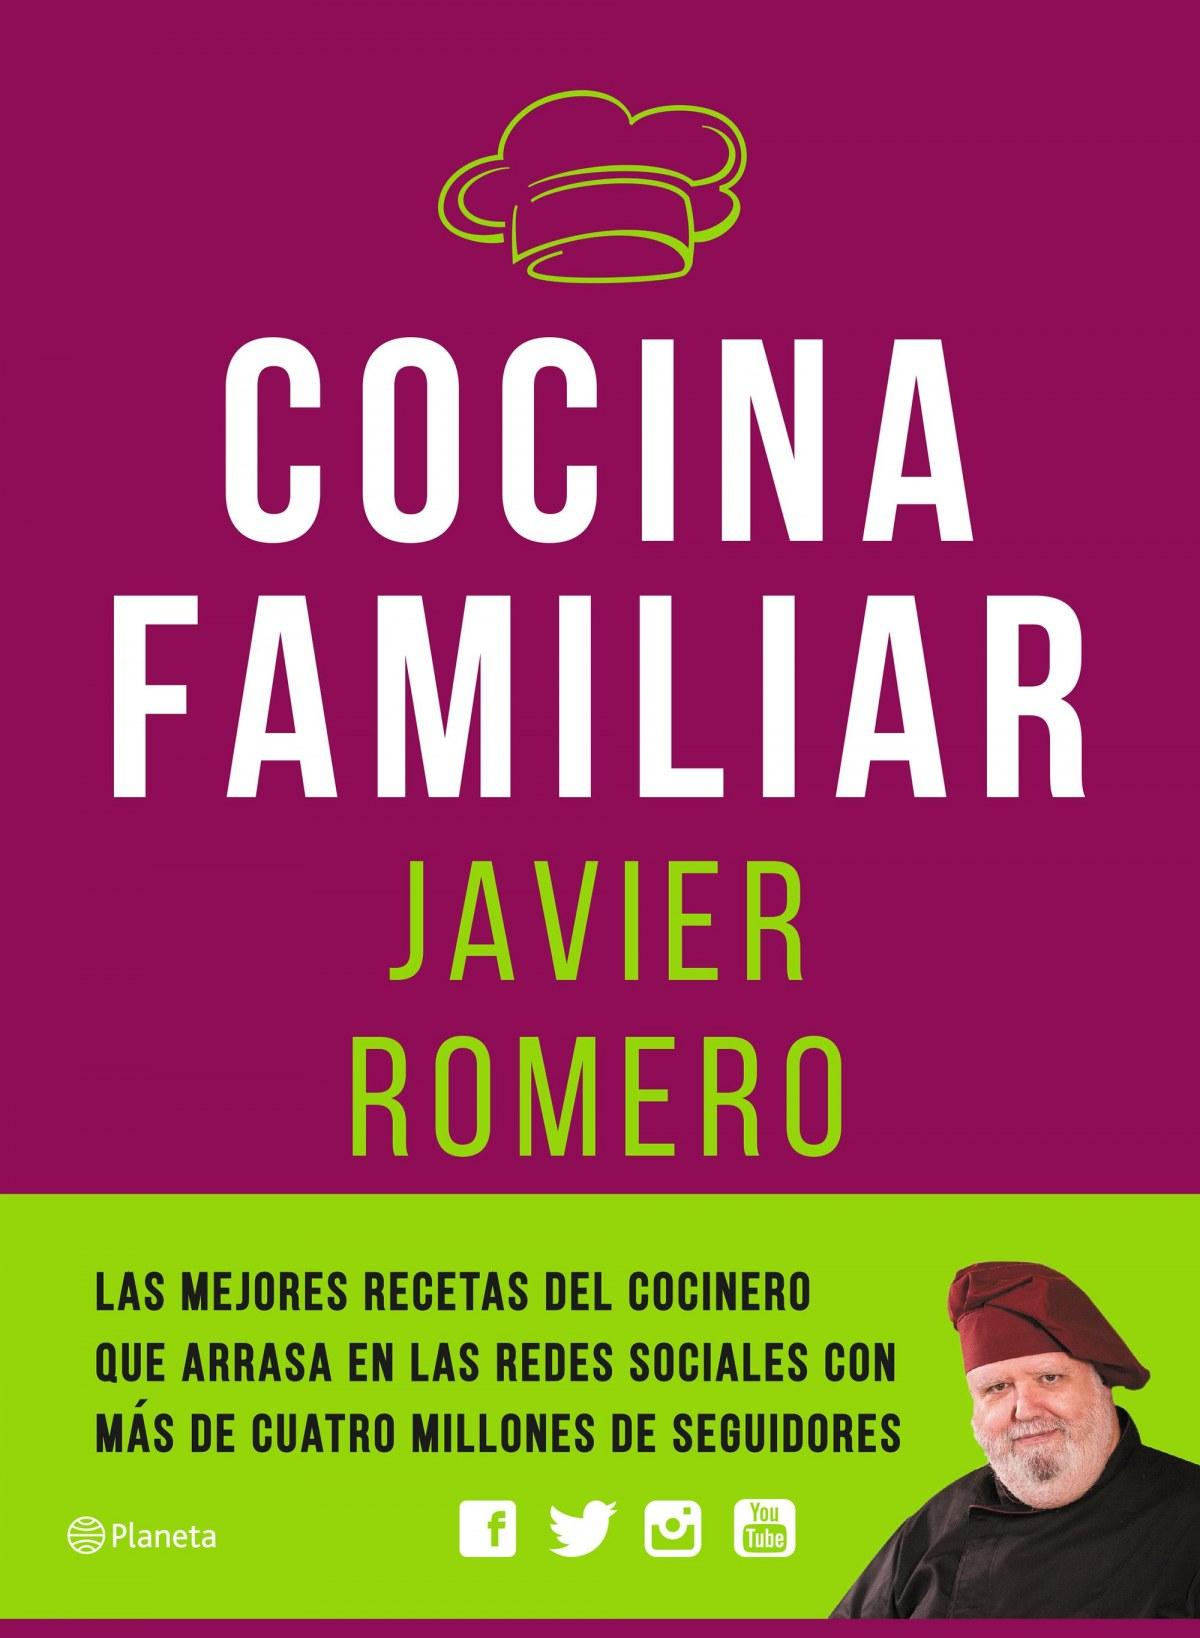 COCINA FAMILIAR JAVIER ROMERO